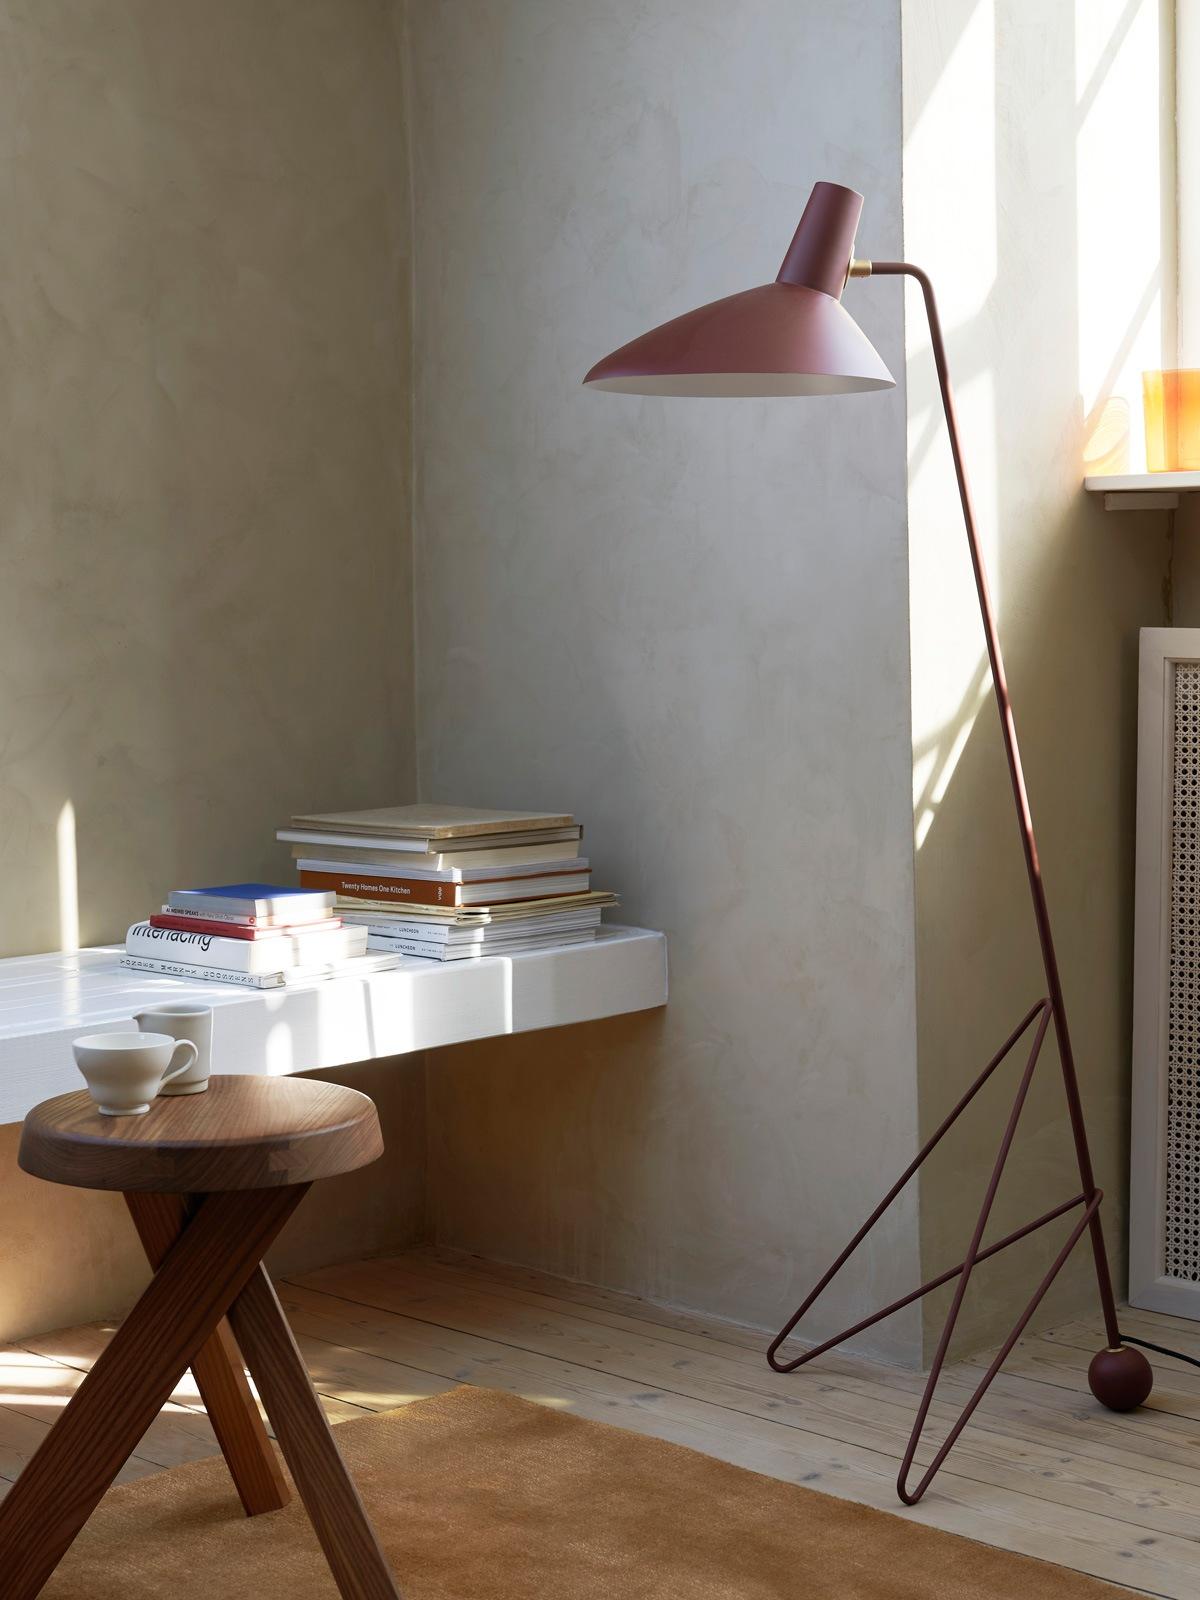 &tradition Tripod HM8 Stehlampe klassisch dänisches Design 1953 DesignOrt